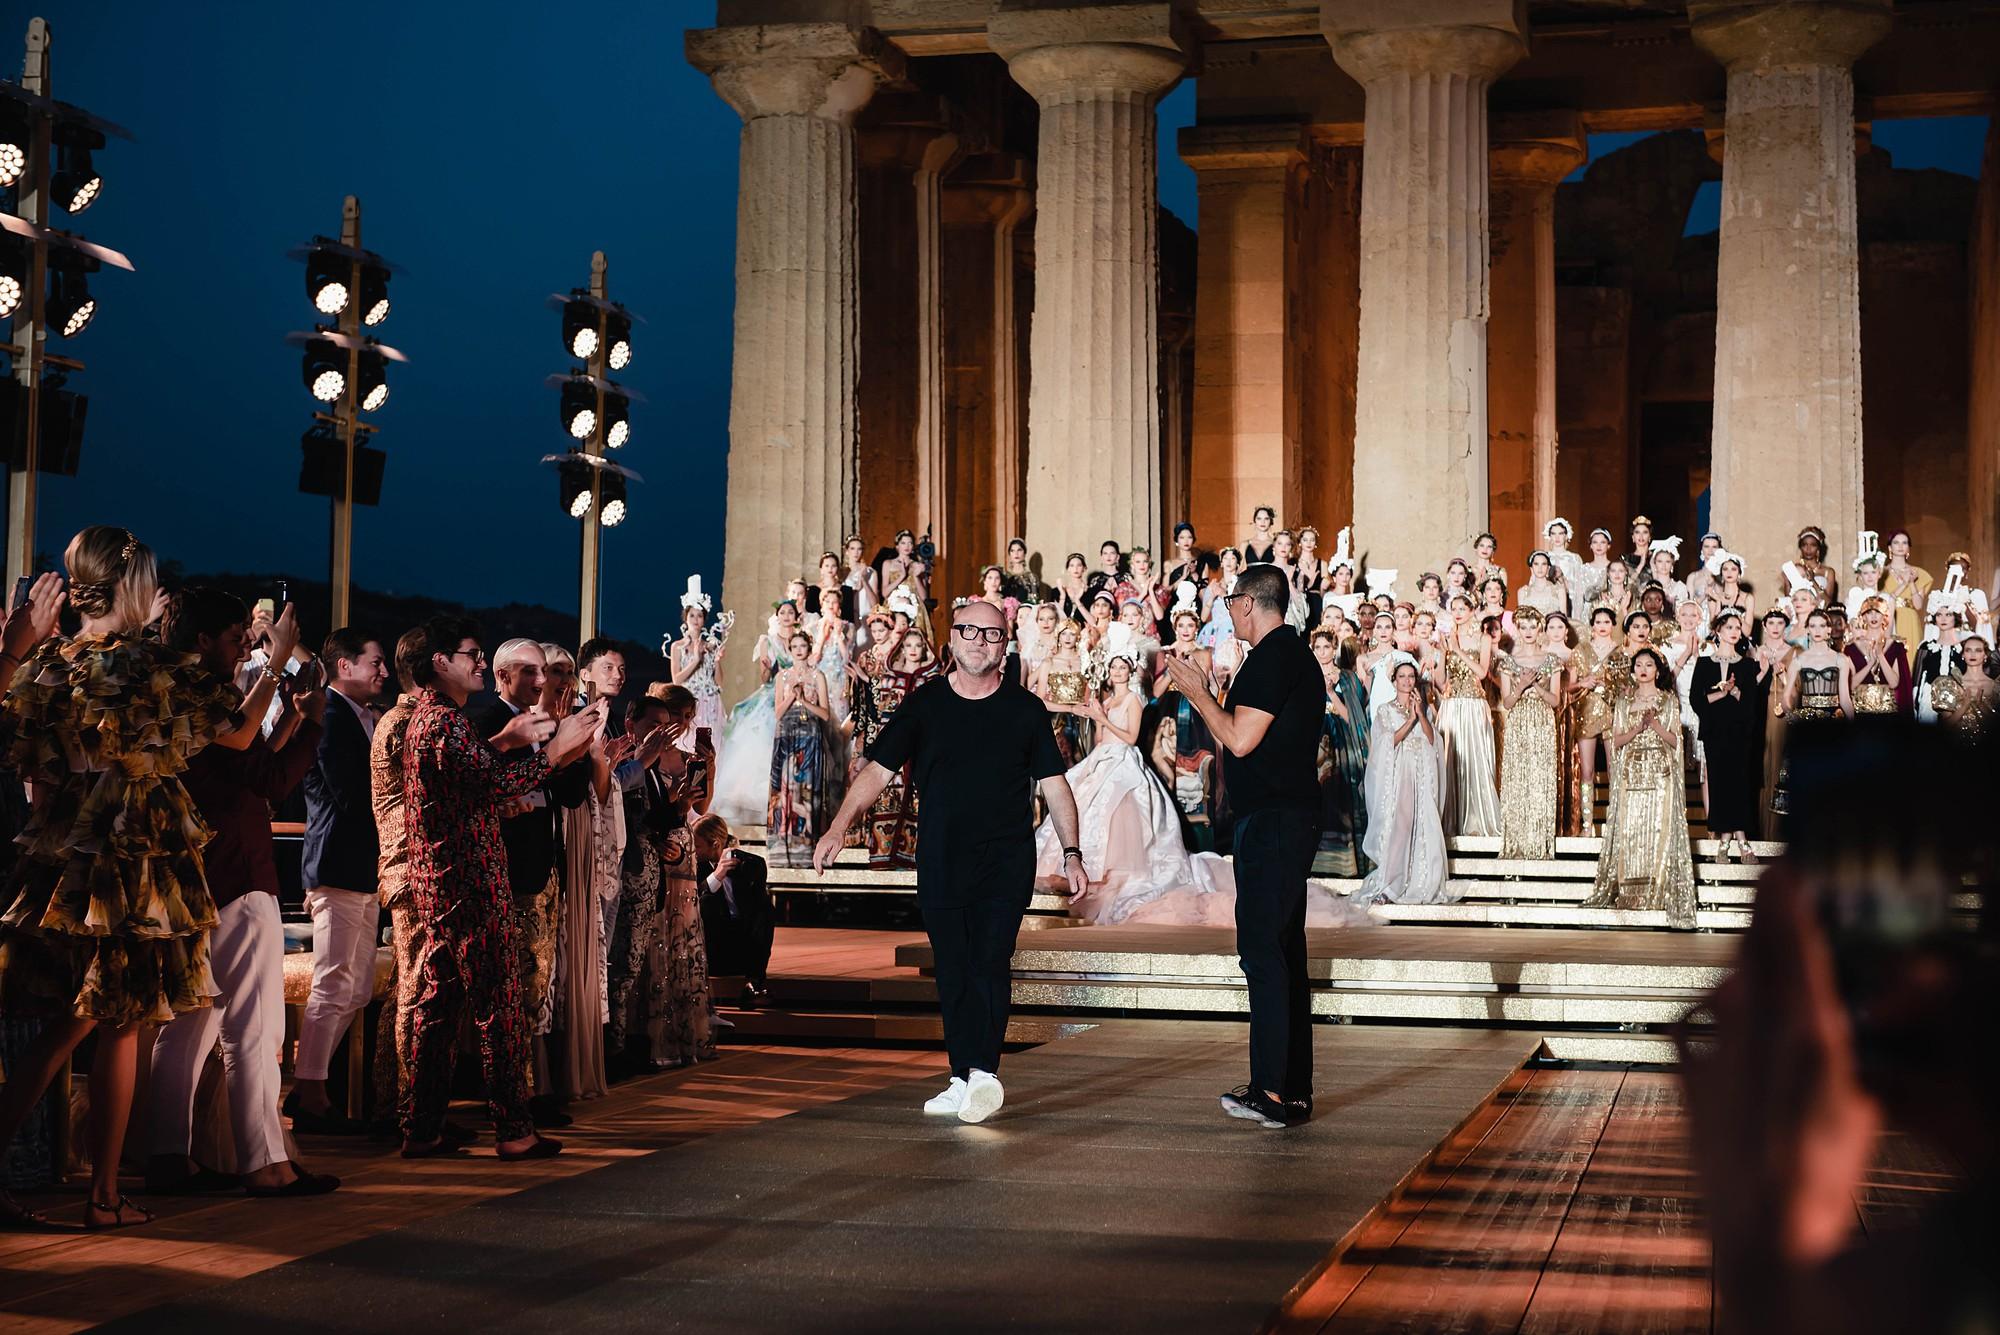 Sững sờ chiêm ngưỡng các nữ thần Hy Lạp bằng xương bằng thịt tại show diễn của Dolce&Gabbana - Ảnh 9.